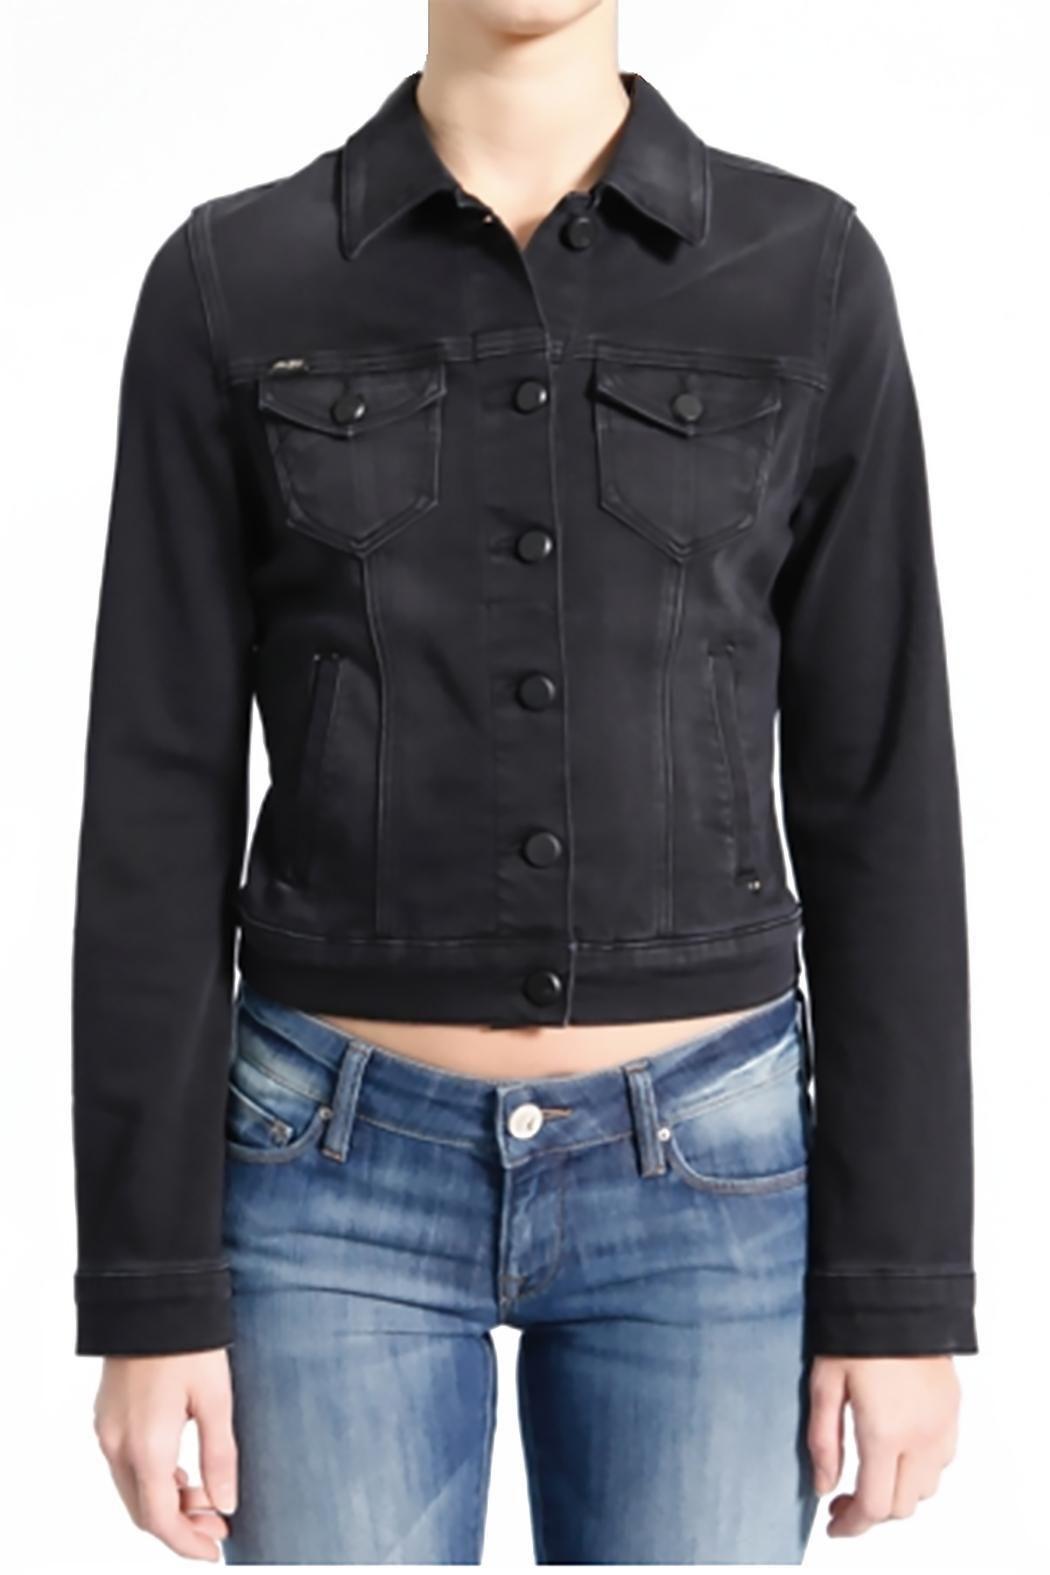 Denim Jean Jacket Denim Jean Jacket Jackets Jean Jacket [ 1575 x 1050 Pixel ]